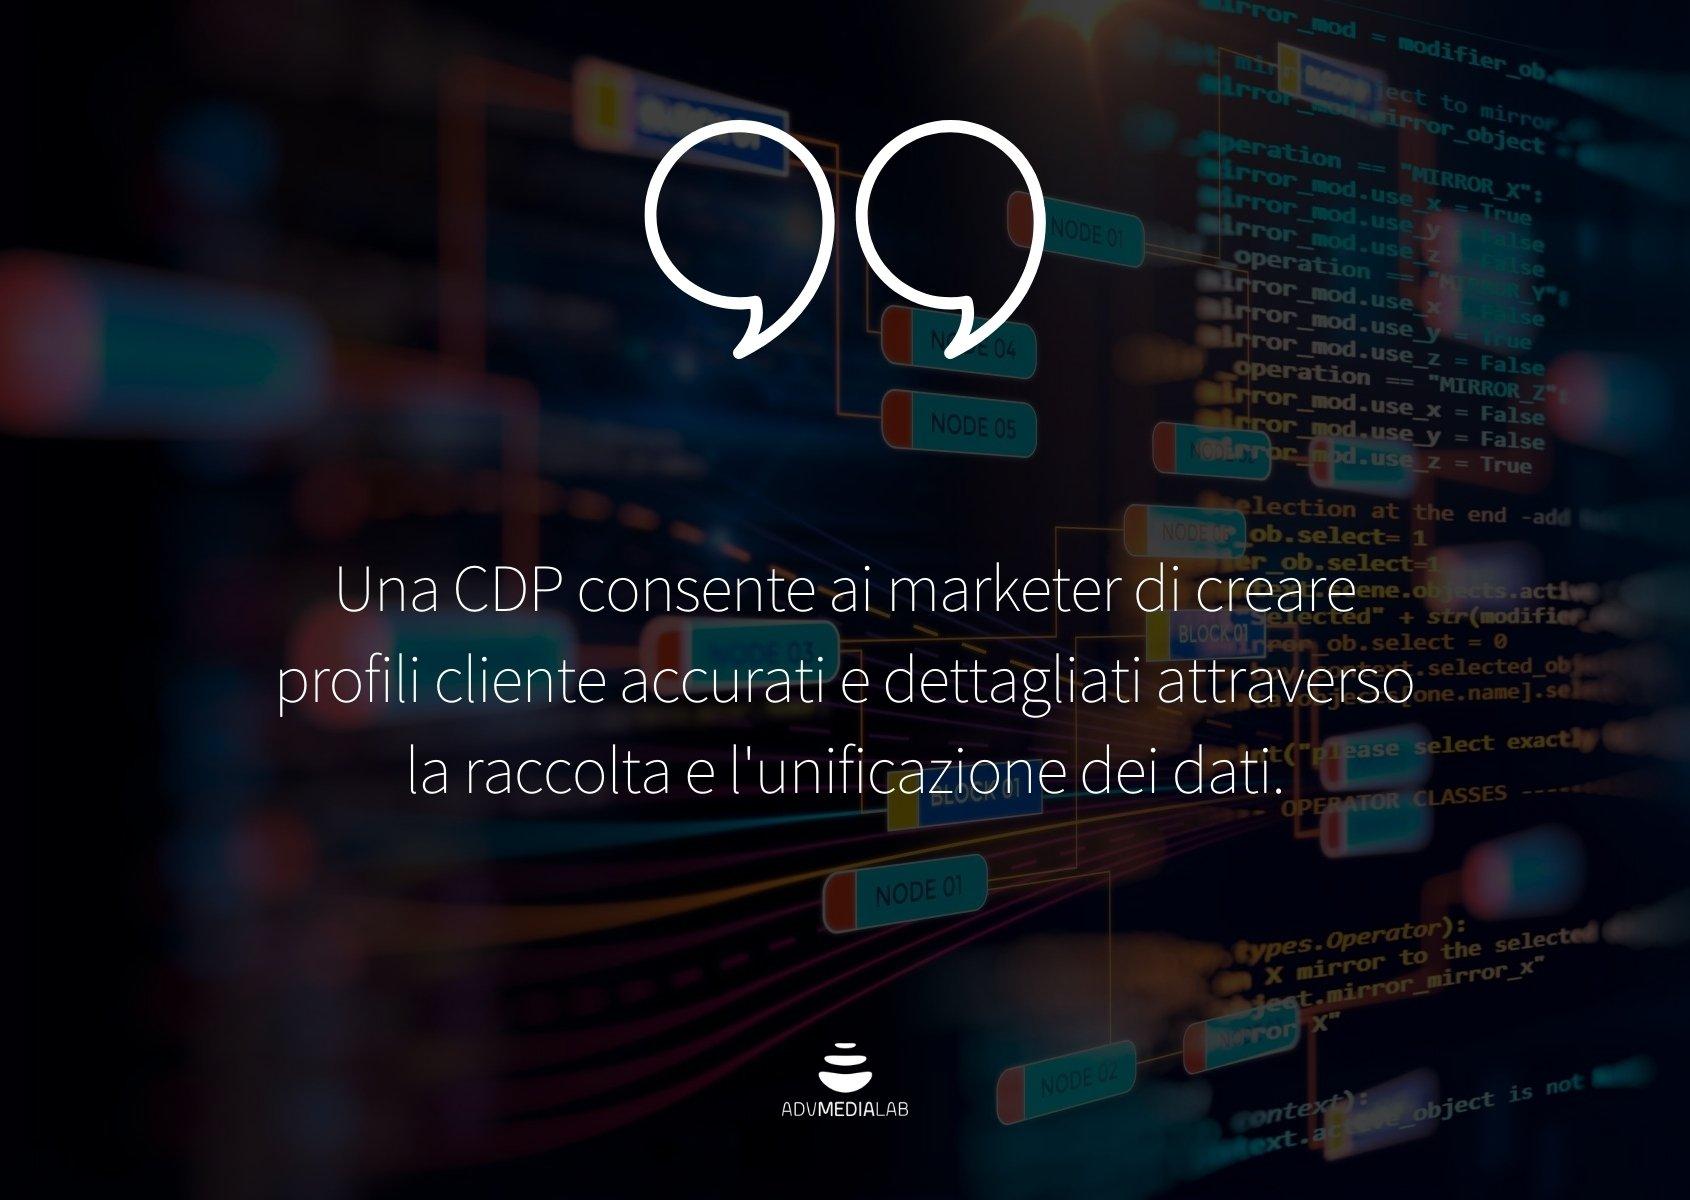 Una CDP consente ai marketer di creare profili cliente accurati e dettagliati.